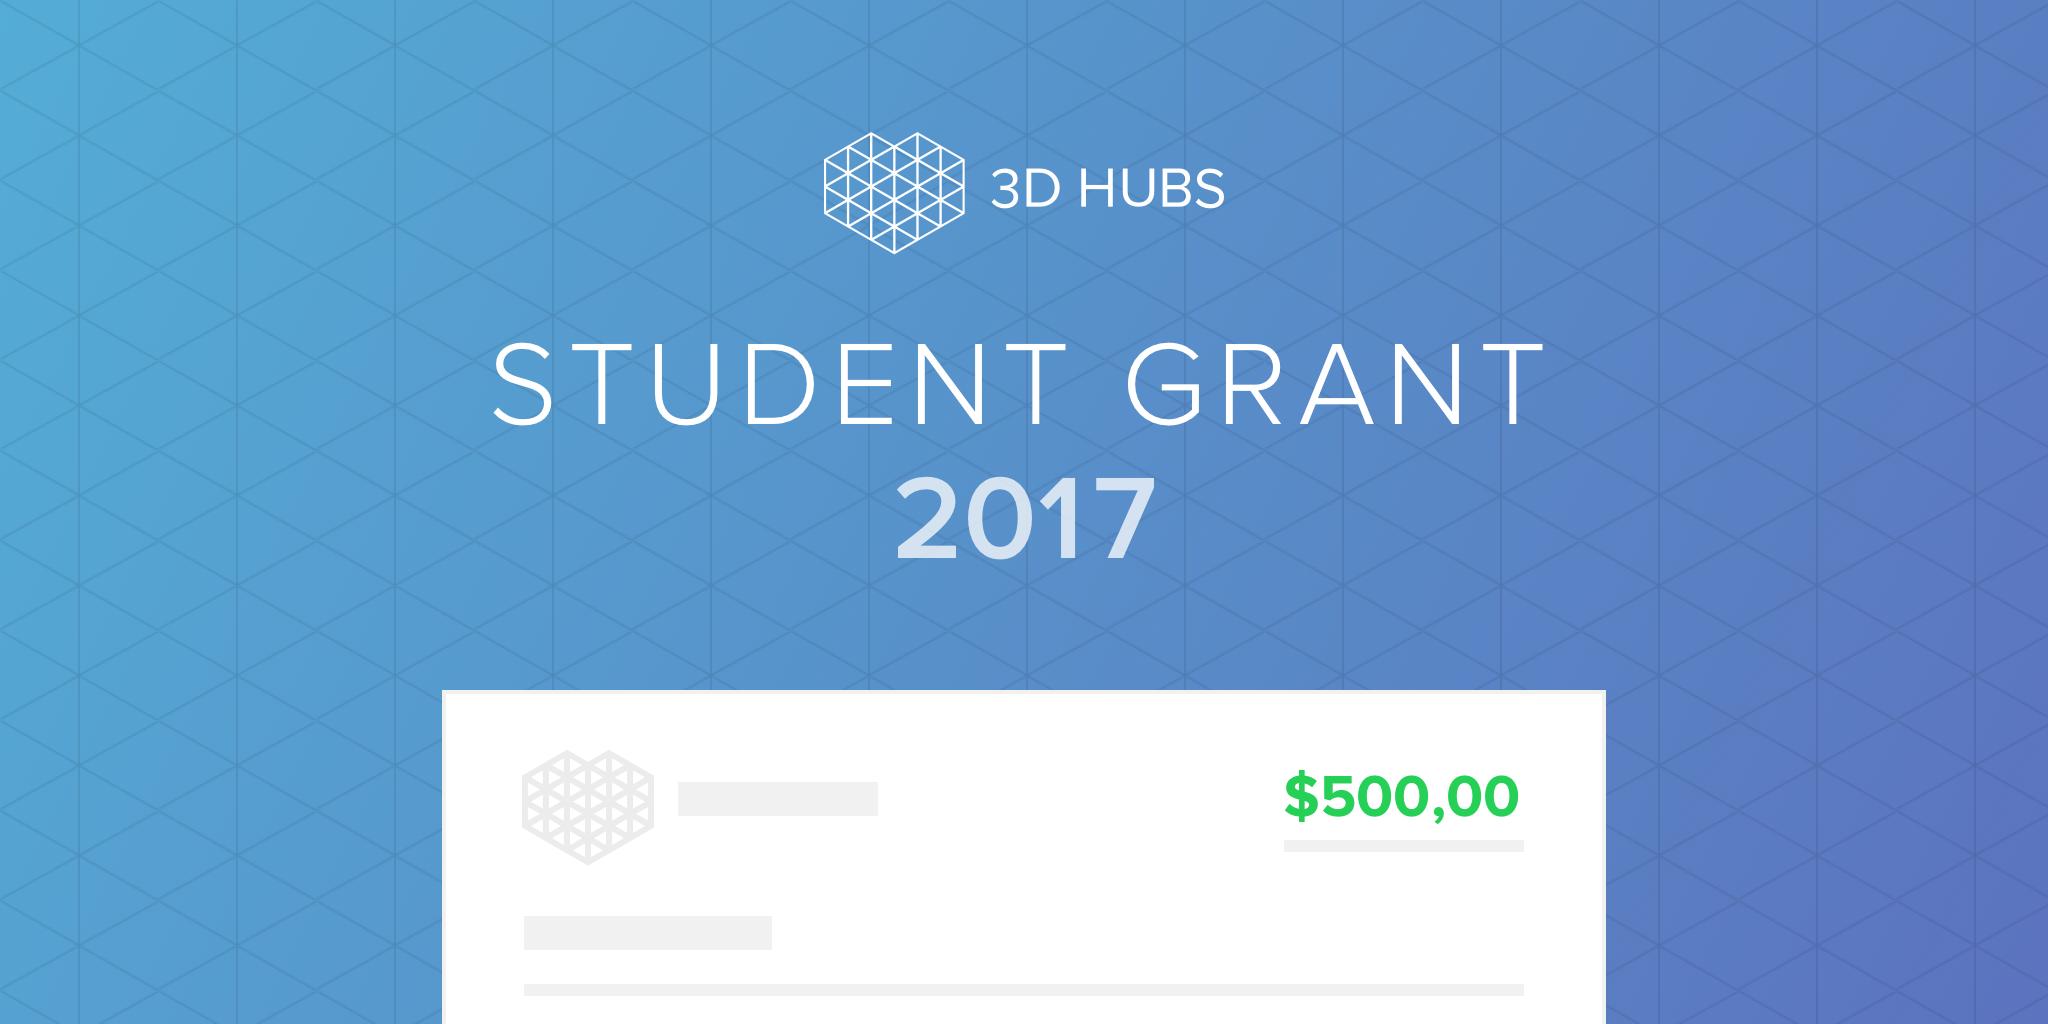 The 3D Hubs student grant. Image via 3D Hubs.